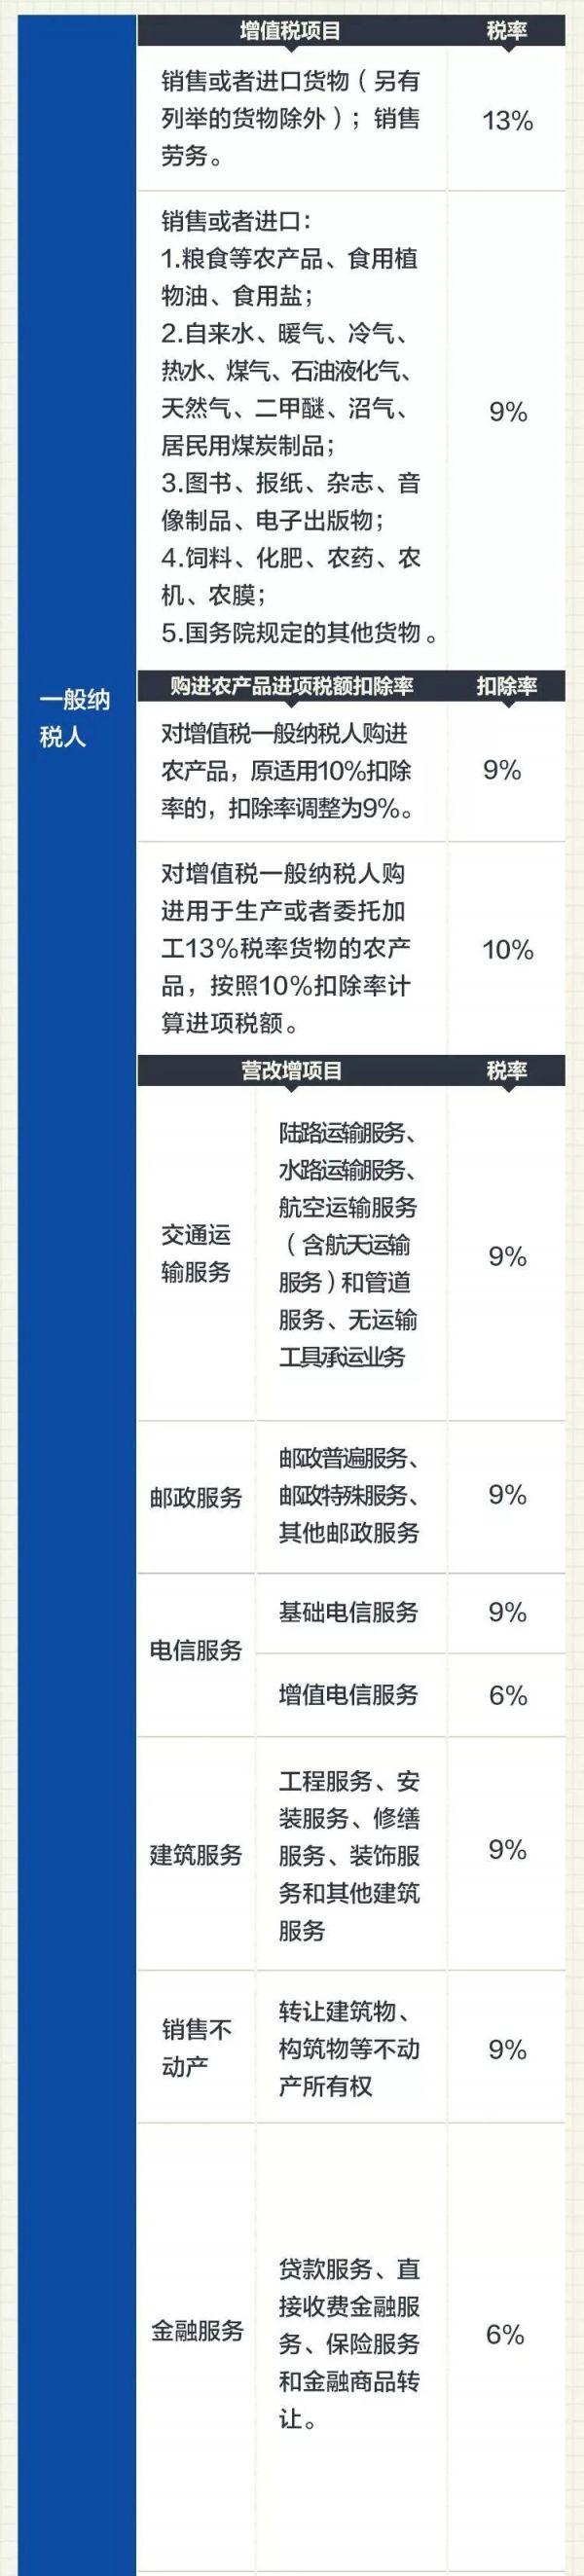 最新增值税税率表2019版 (小规模及一般纳税人)